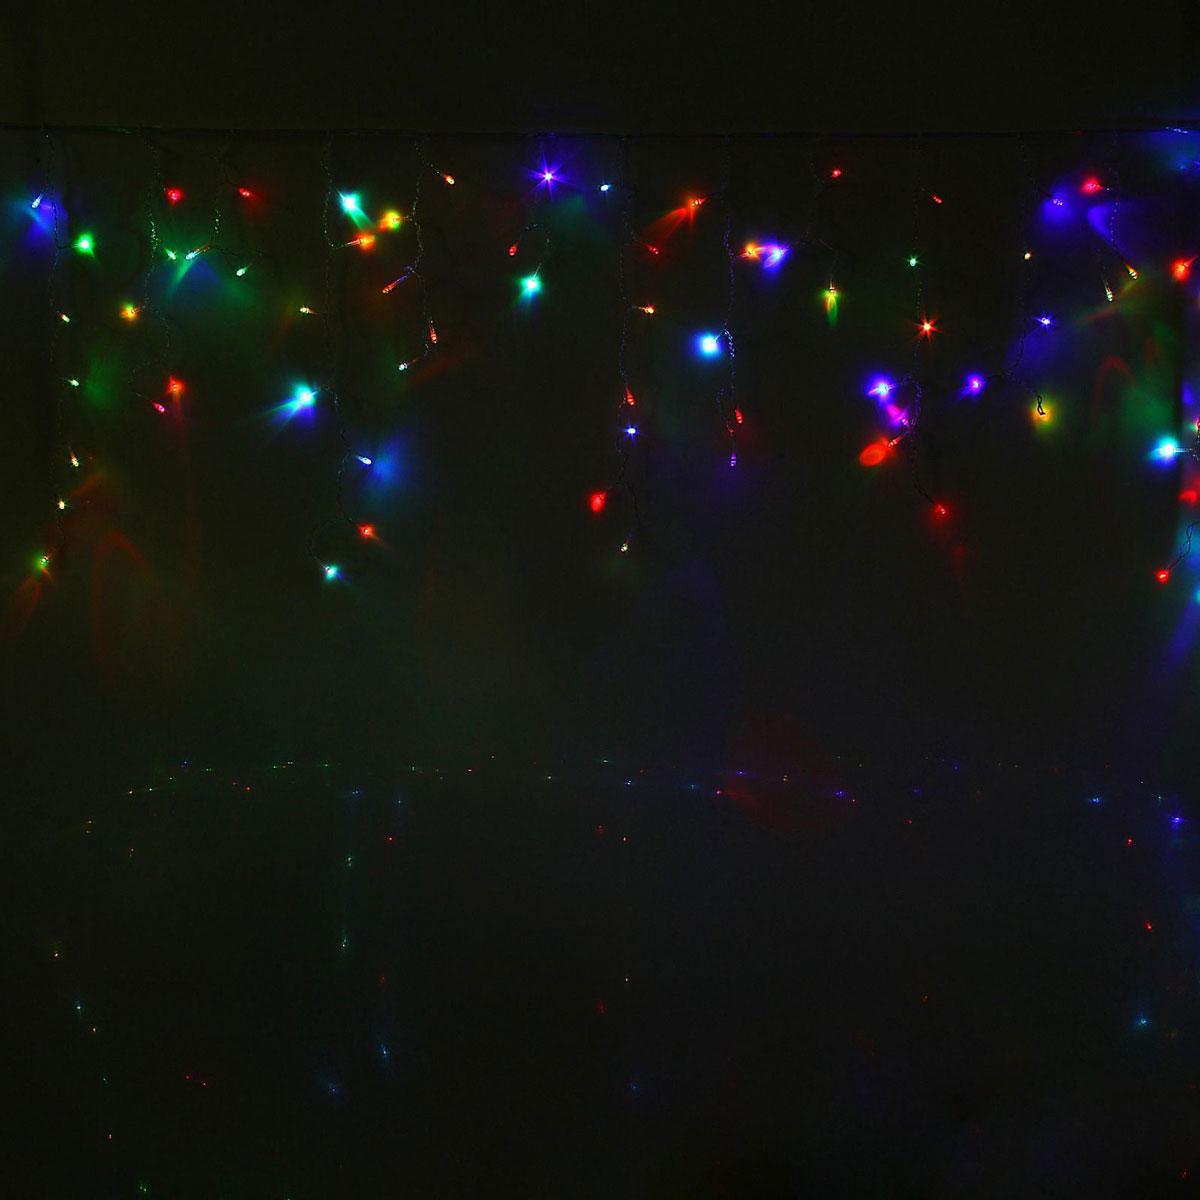 Гирлянда светодиодная Luazon Бахрома, уличная, моргает, 120 ламп, 220 V, цвет: мультиколор, 2 х 0,6 м. 10801451080145Светодиодные гирлянды, ленты и т.д — это отличный вариант для новогоднего оформления интерьера или фасада. С их помощью помещение любого размера можно превратить в праздничный зал, а внешние элементы зданий, украшенные ими, мгновенно станут напоминать очертания сказочного дворца. Такие украшения создают ауру предвкушения чуда. Деревья, фасады, витрины, окна и арки будто специально созданы, чтобы вы украсили их светящимися нитями.